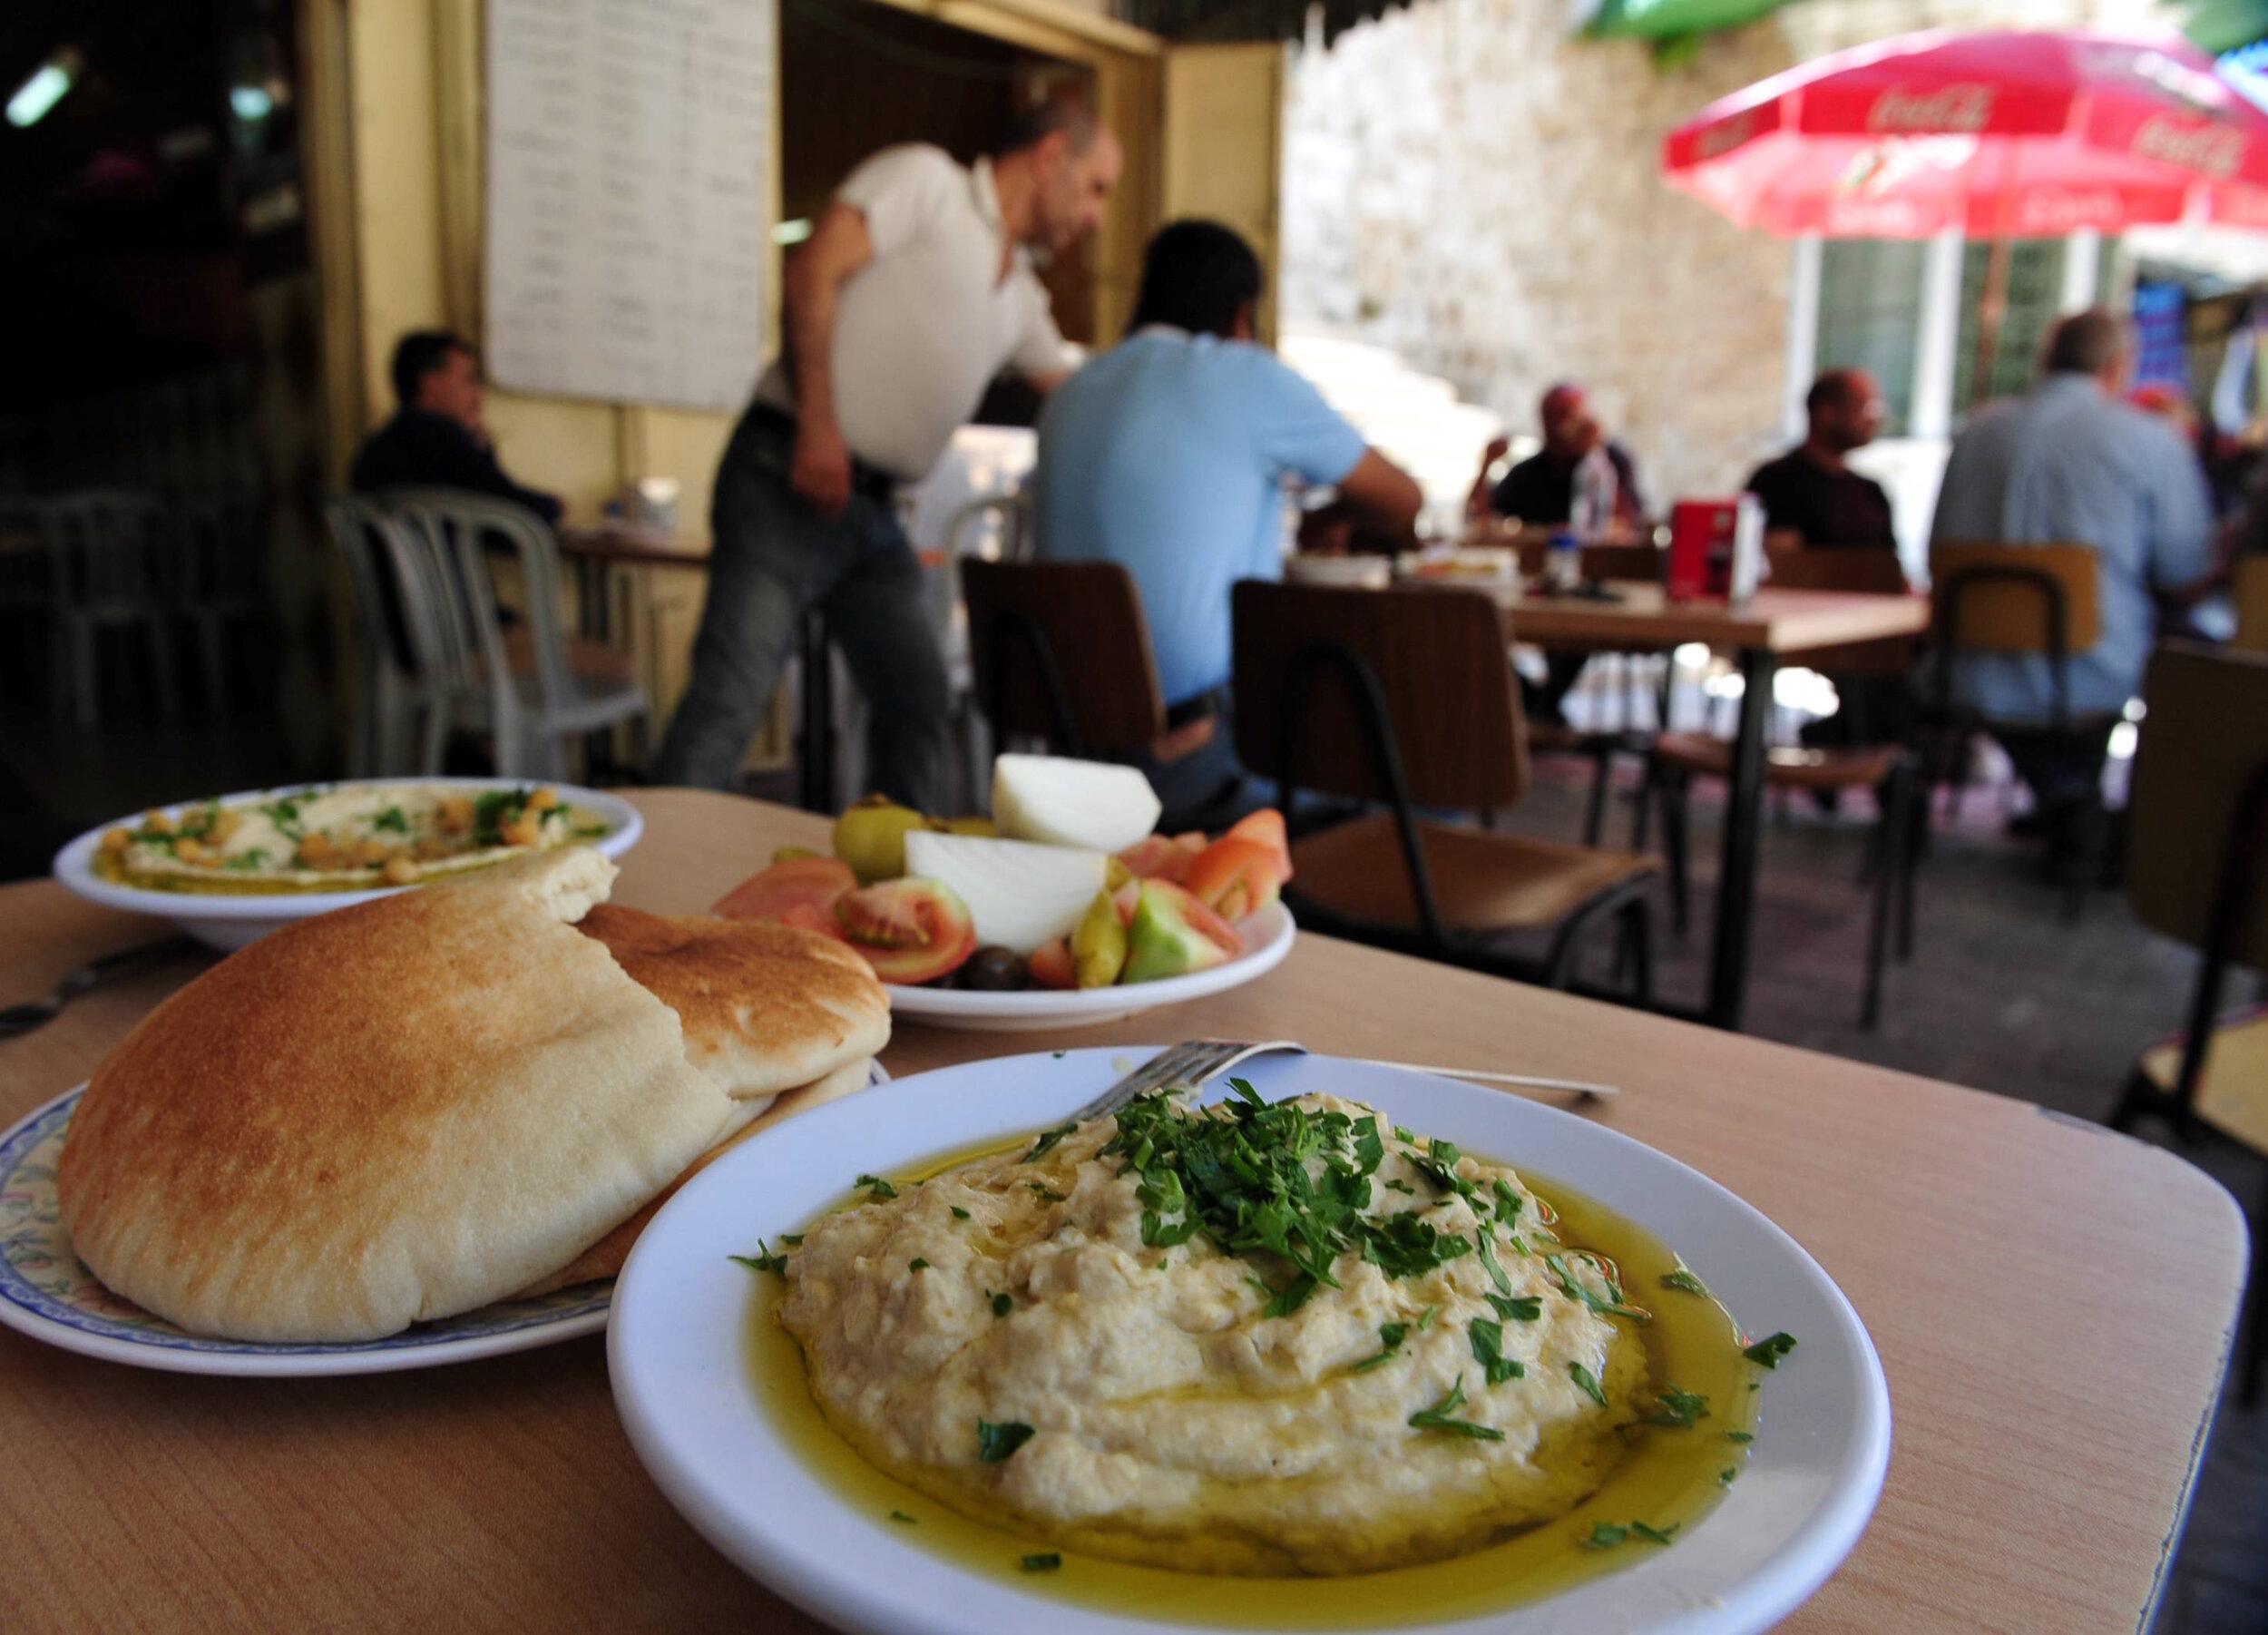 The Israeli street food, hummus and pita.